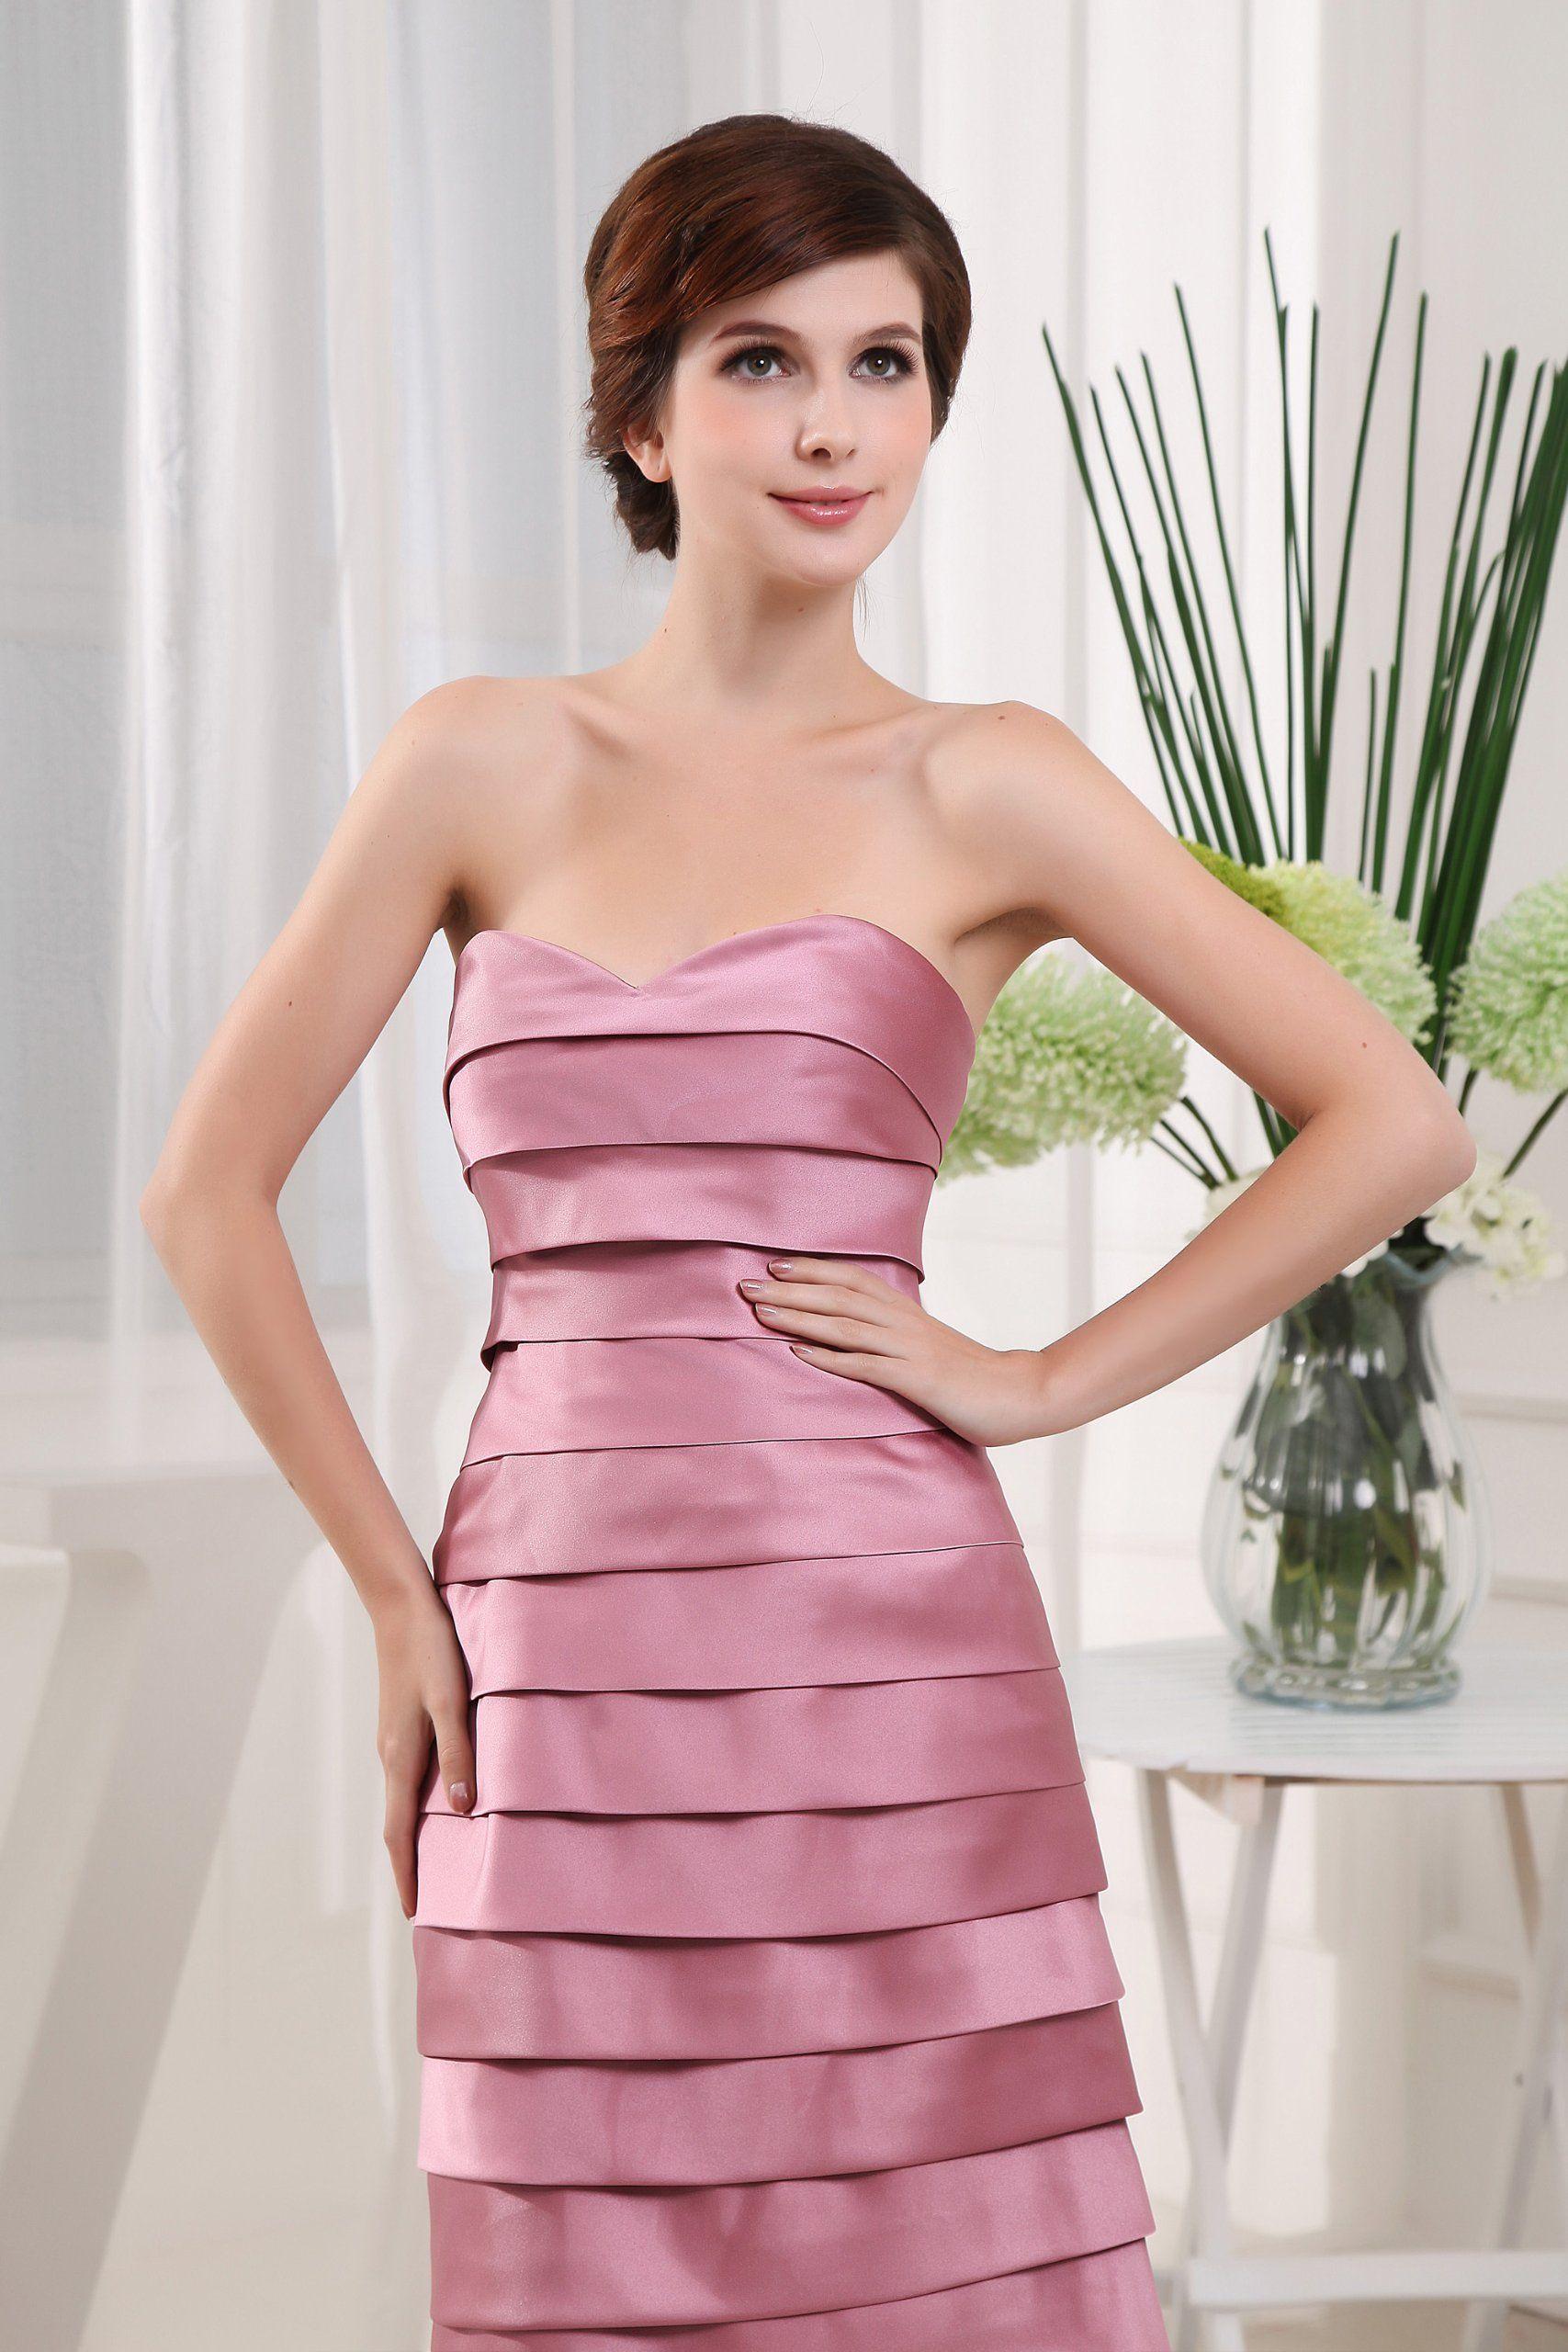 herafa Robes de soirée élégant NO.p31393: Amazon.fr: Vêtements et ...